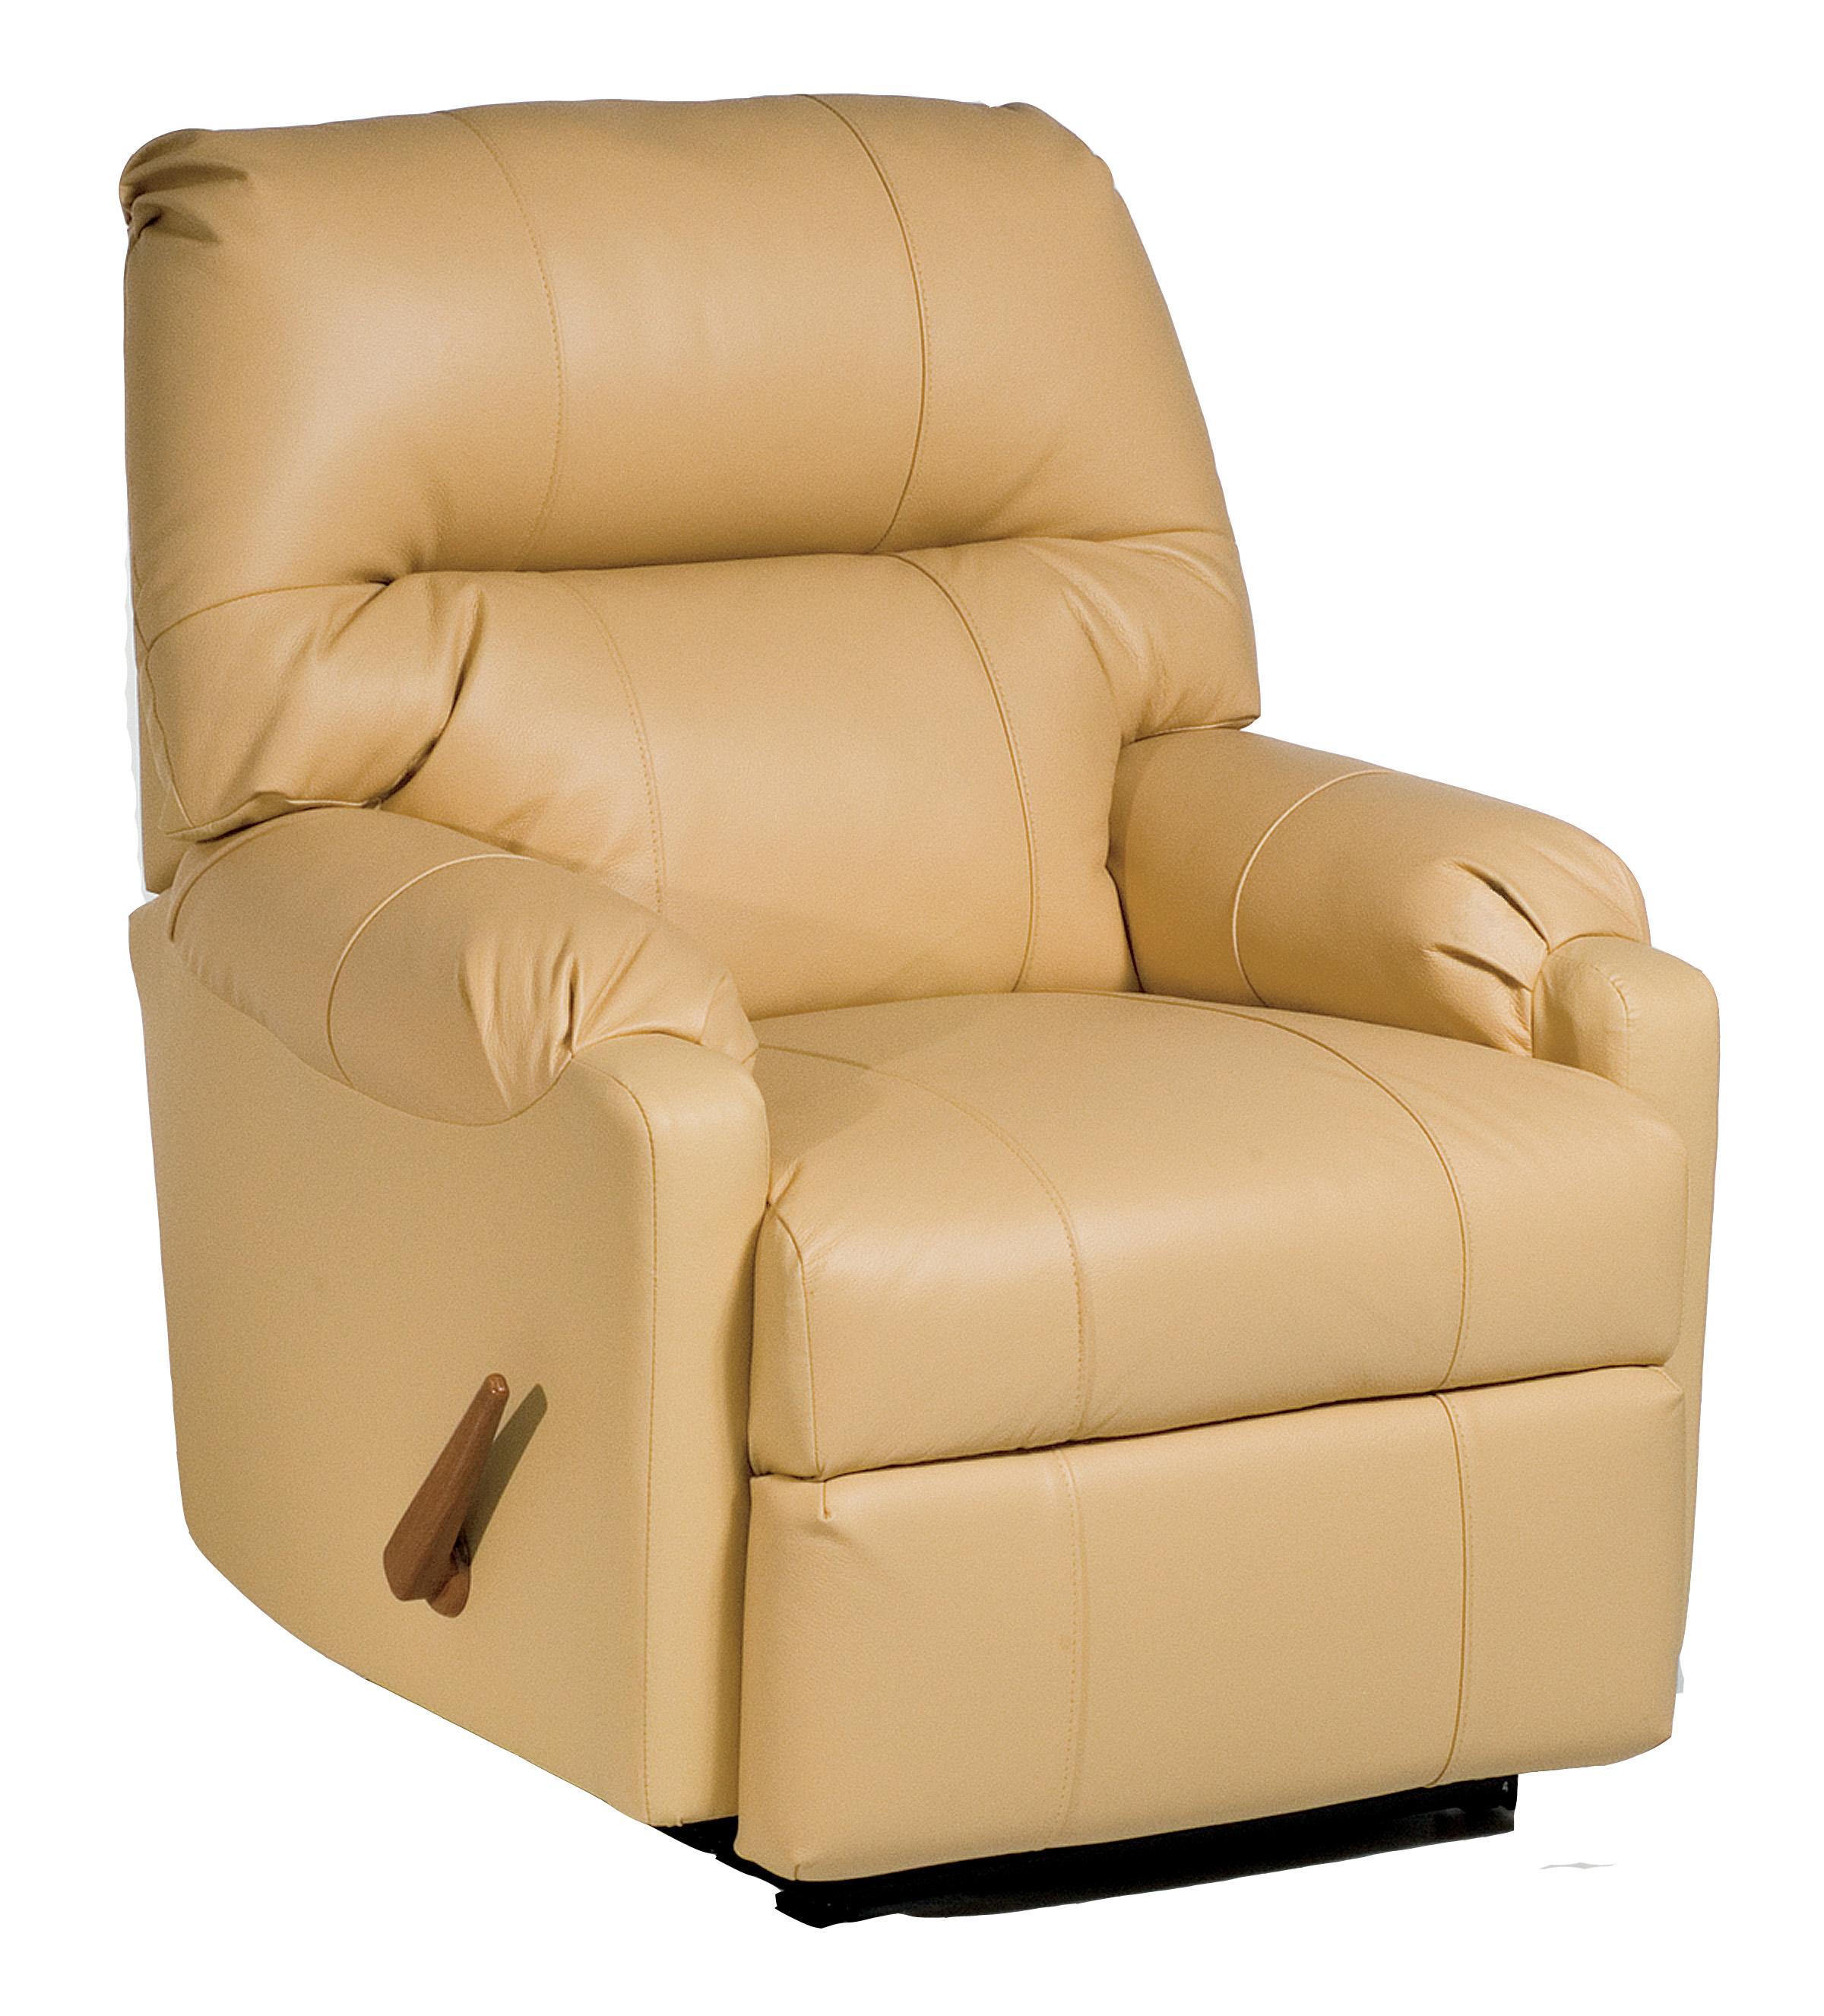 Best home furnishings jojo 1aw39lv swivel rocker recliner for Best furniture outlet